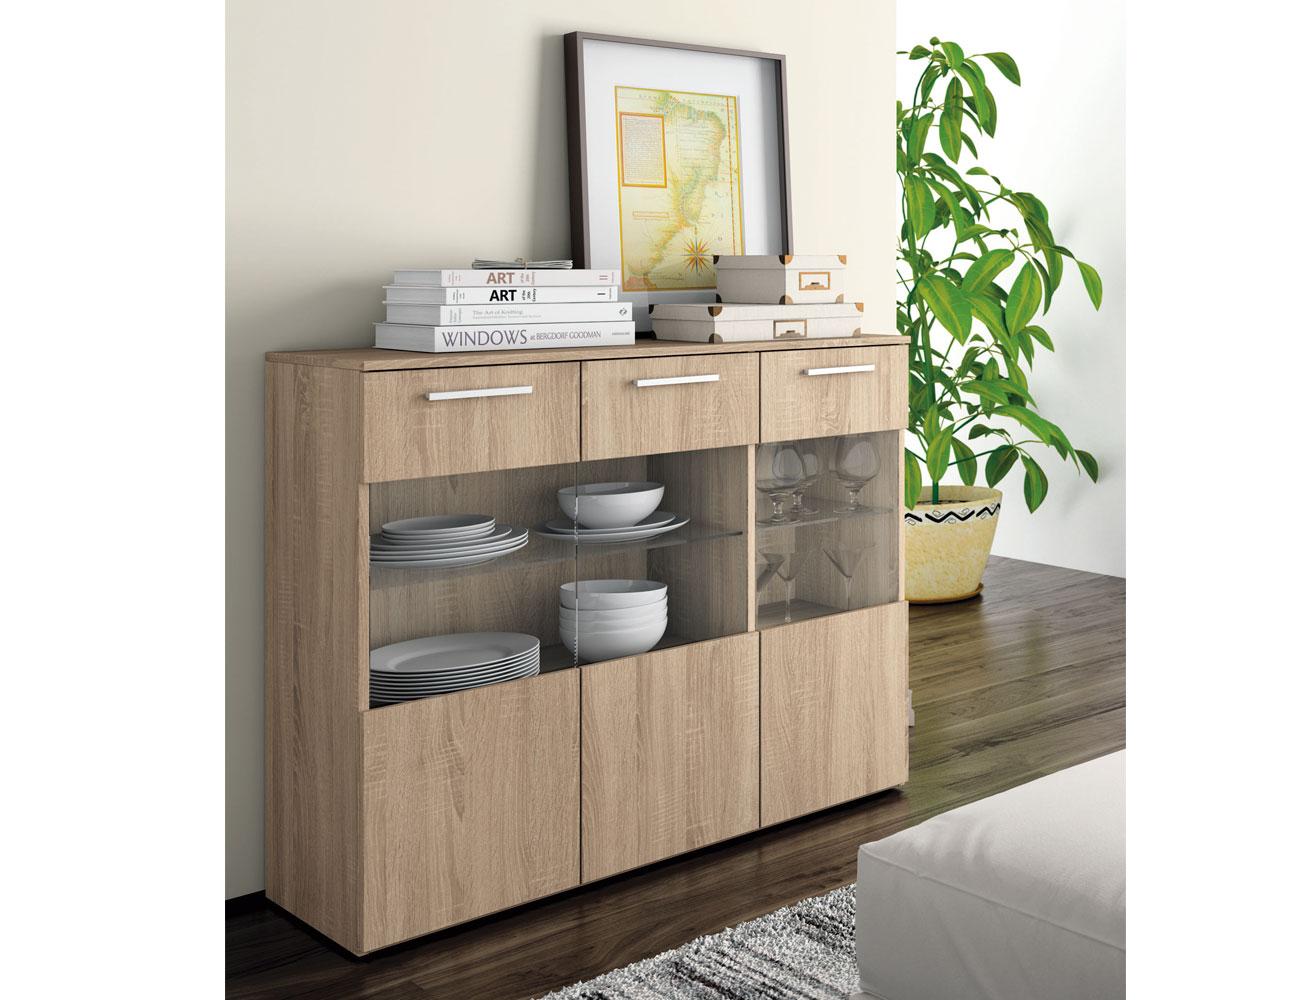 Mueble salon moderno aparador cambrian 41810